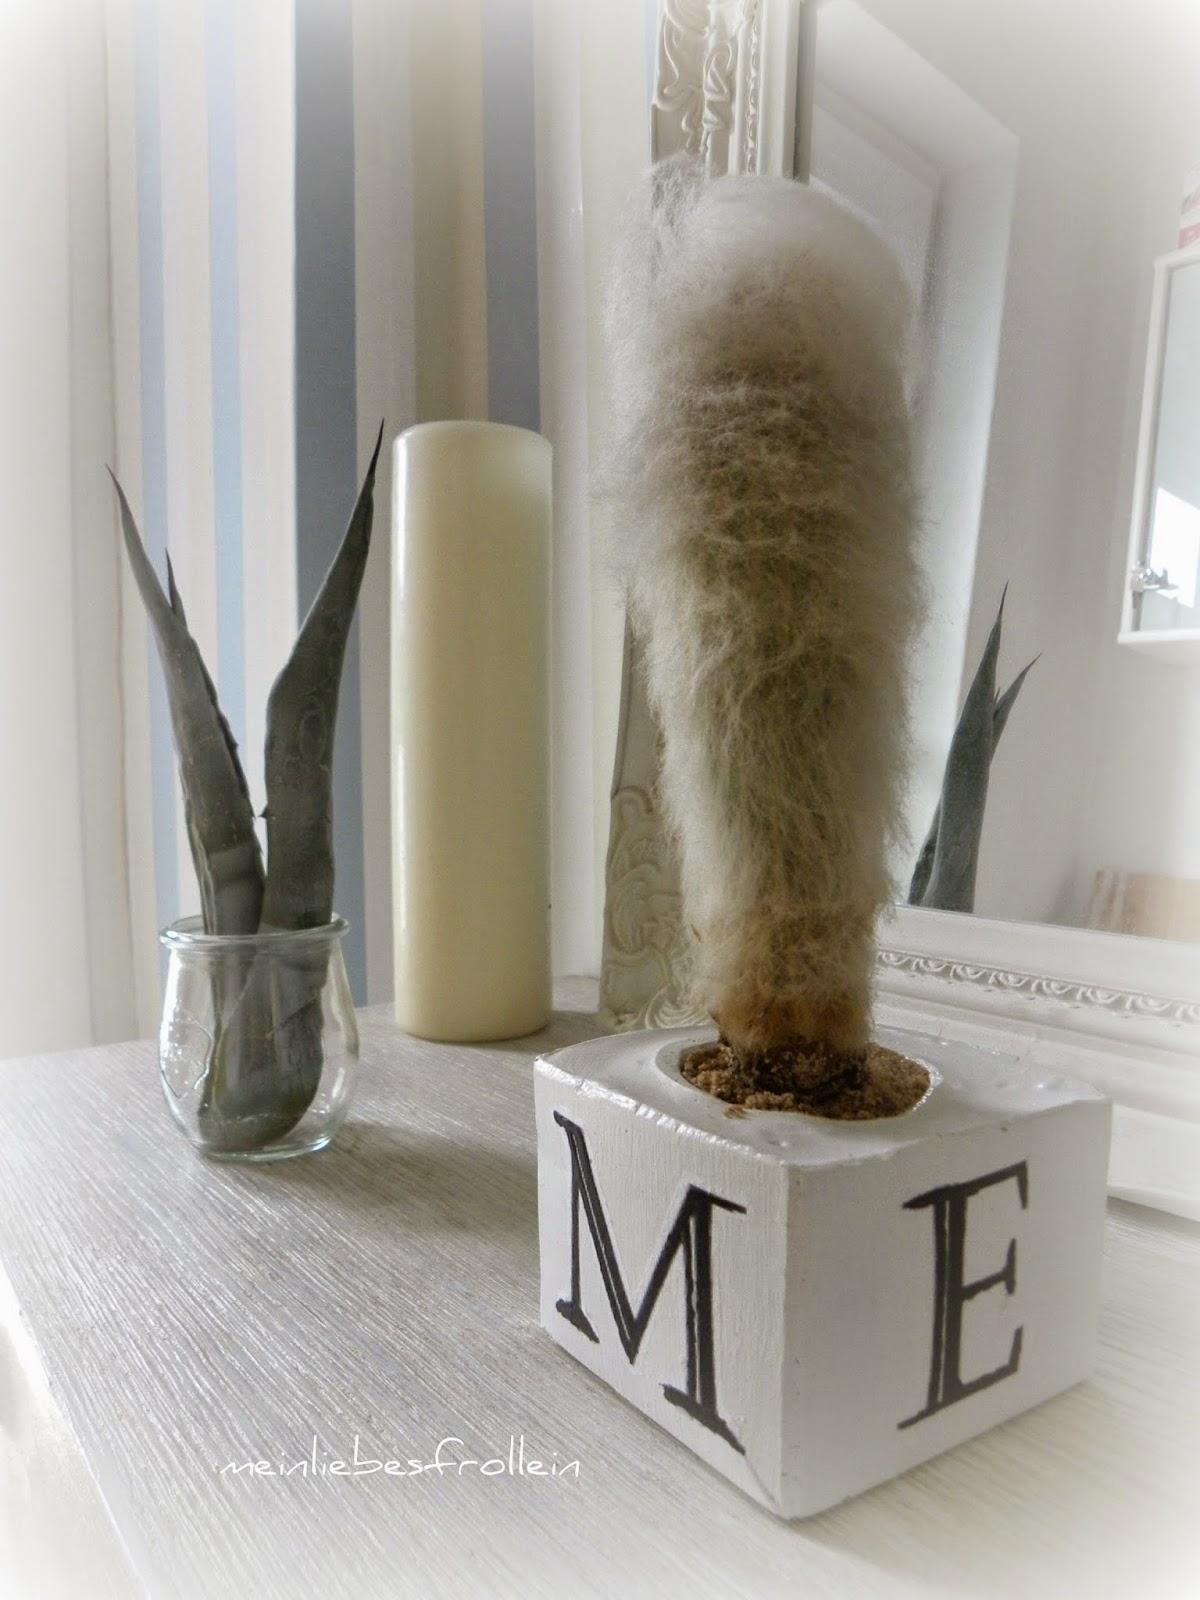 kleben schneewittchen s welt. Black Bedroom Furniture Sets. Home Design Ideas